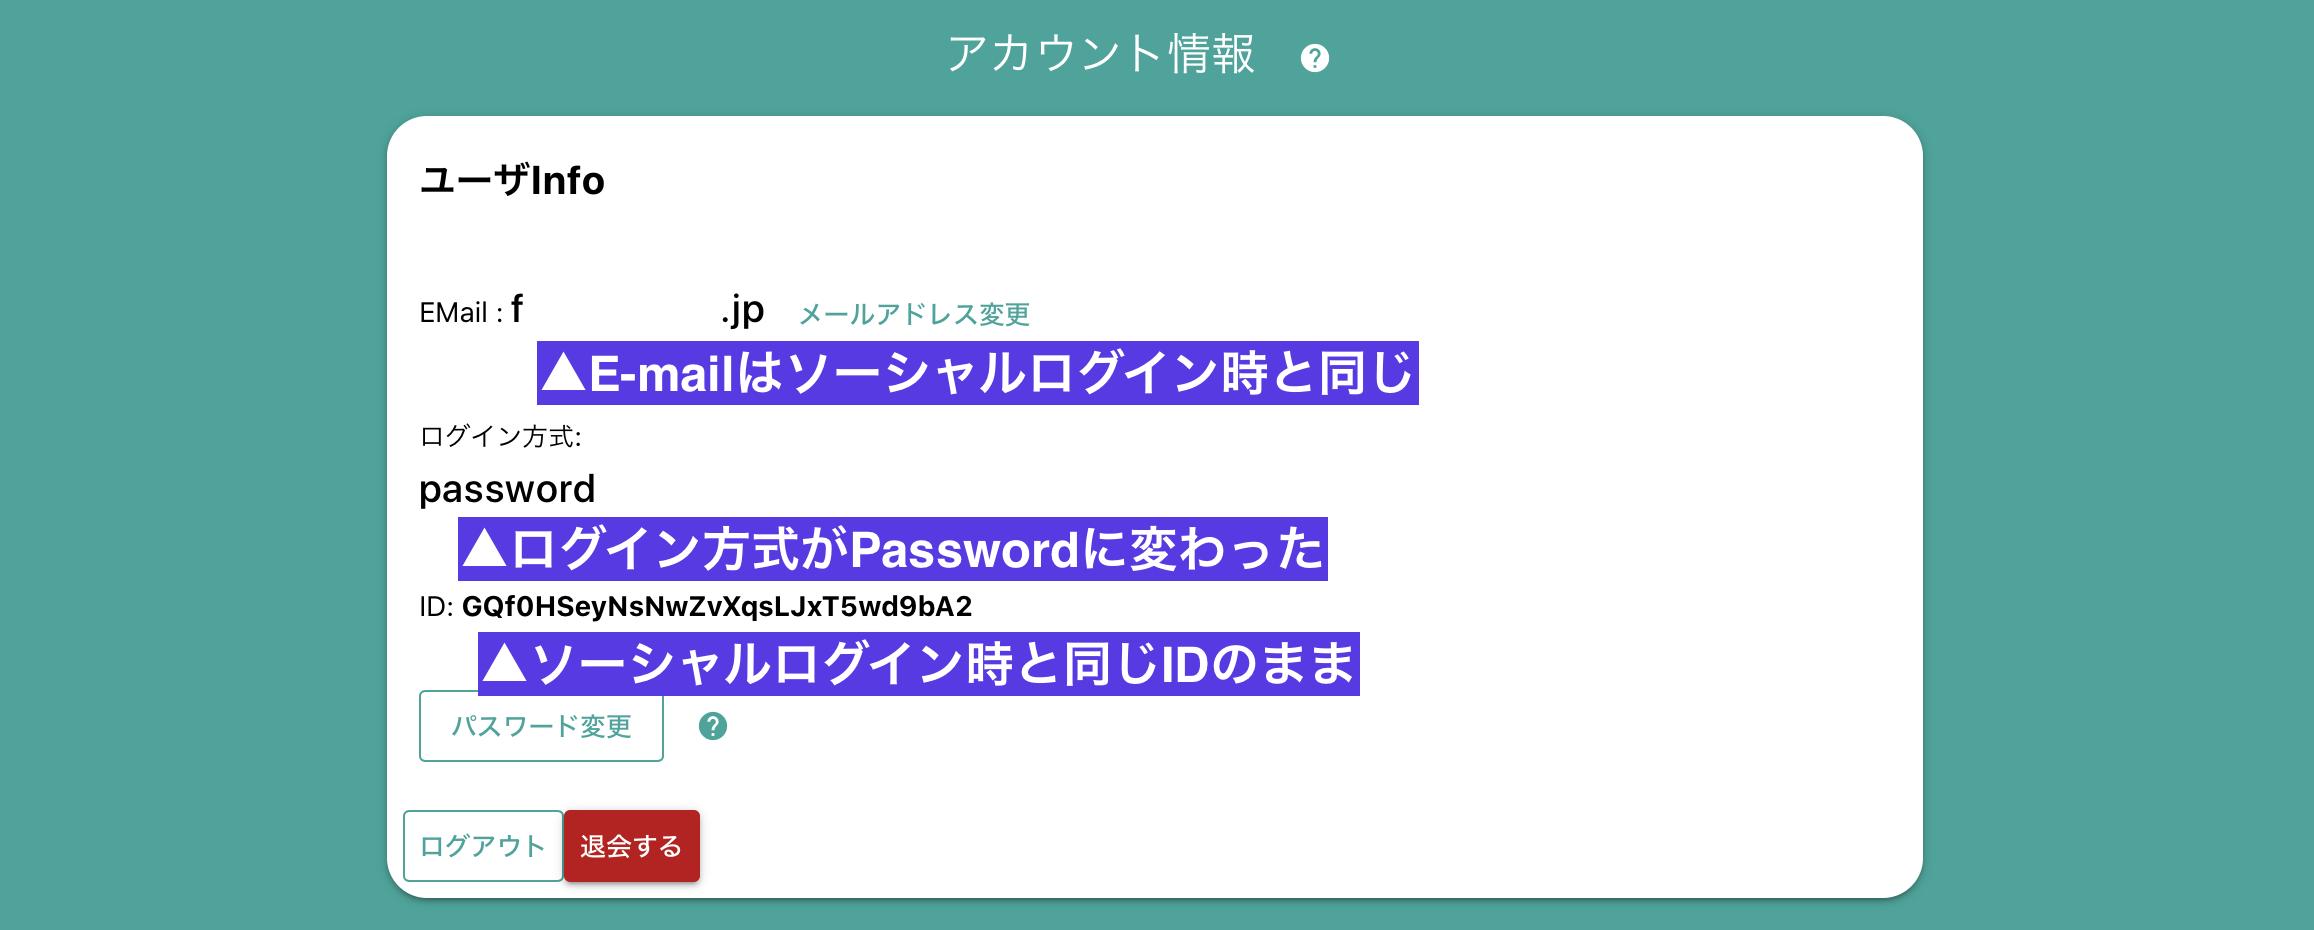 SNSログインからパスワードログインへ切替が成功した